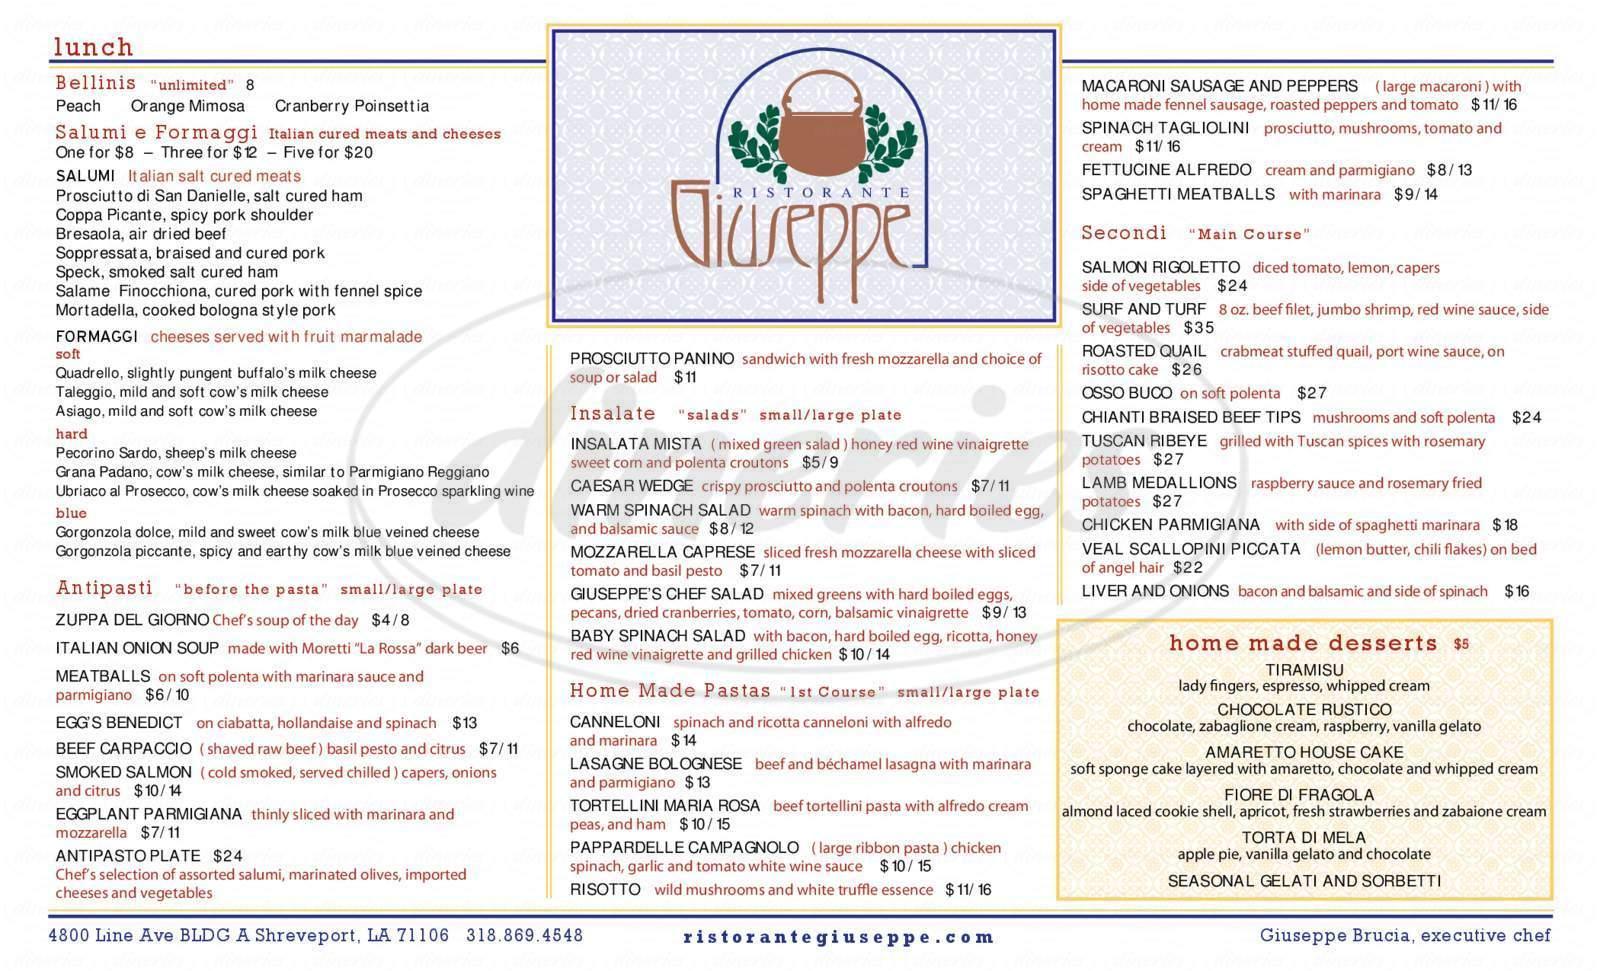 menu for Ristorante Giuseppe